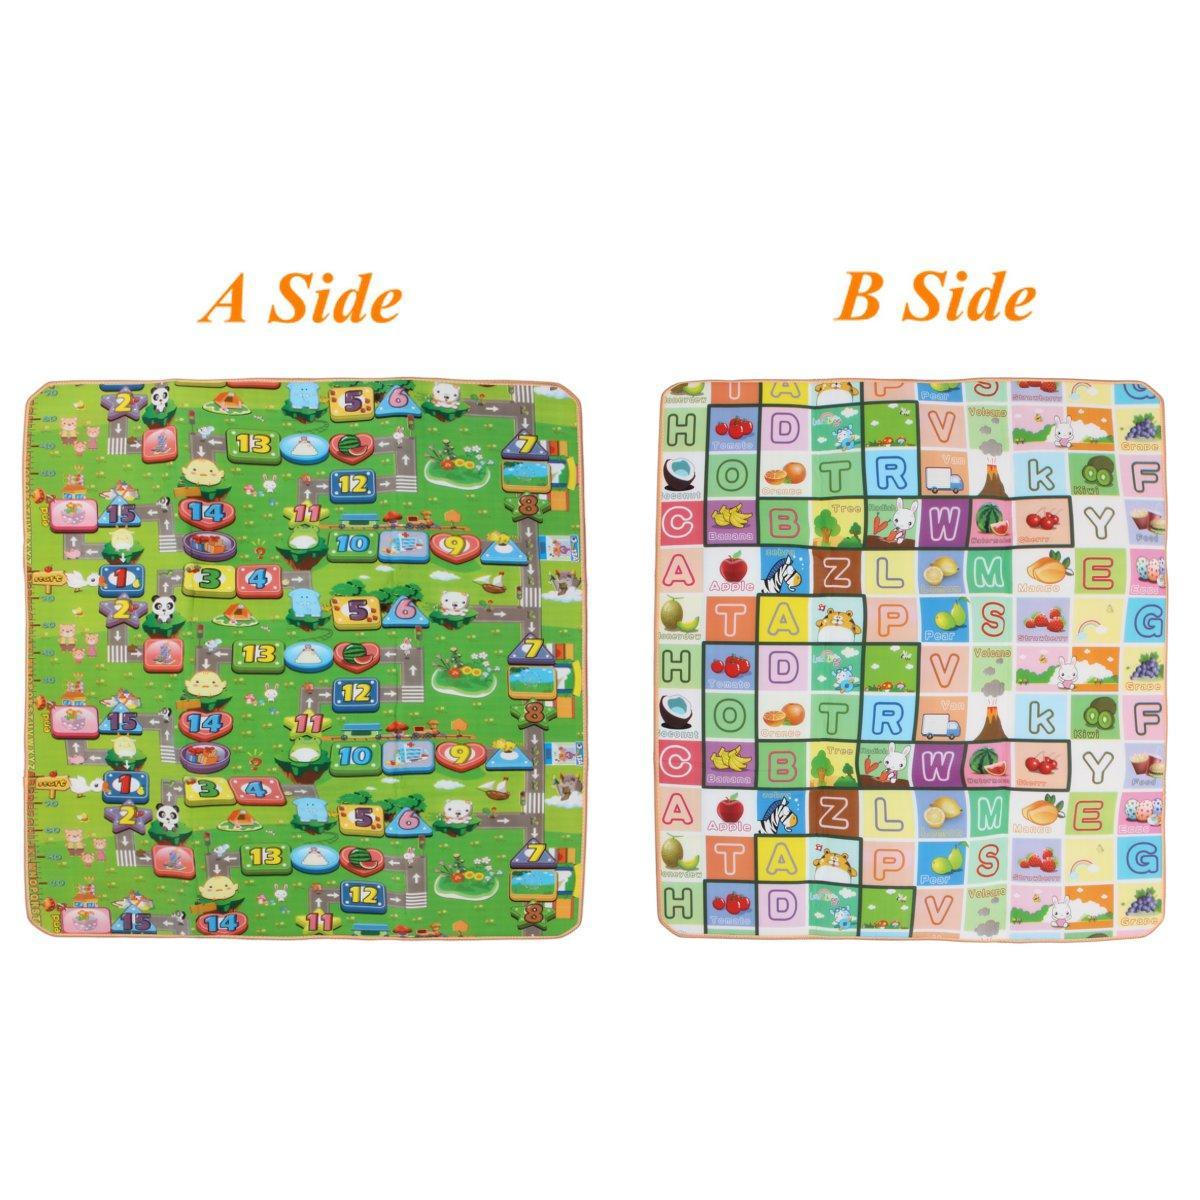 Tapis 2mx1.8m double tapis AB de tapis de jeu pour bébé, tout-petits, 20 mm d'épaisseur, XL